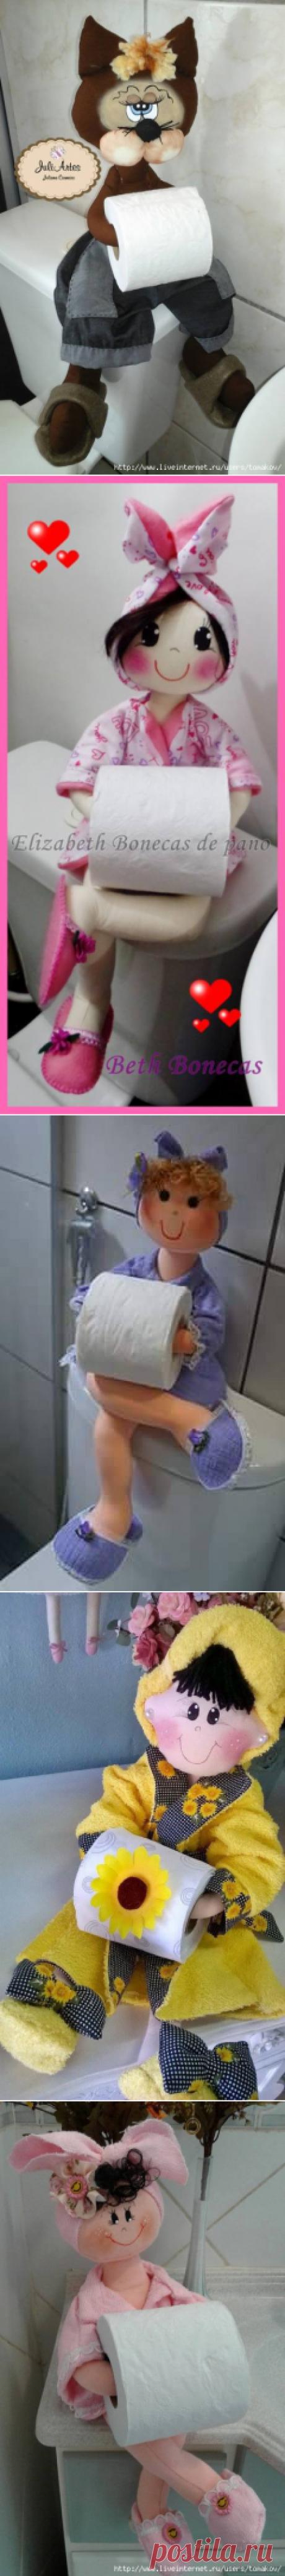 Las Muñecas-portadores del papel higiénico